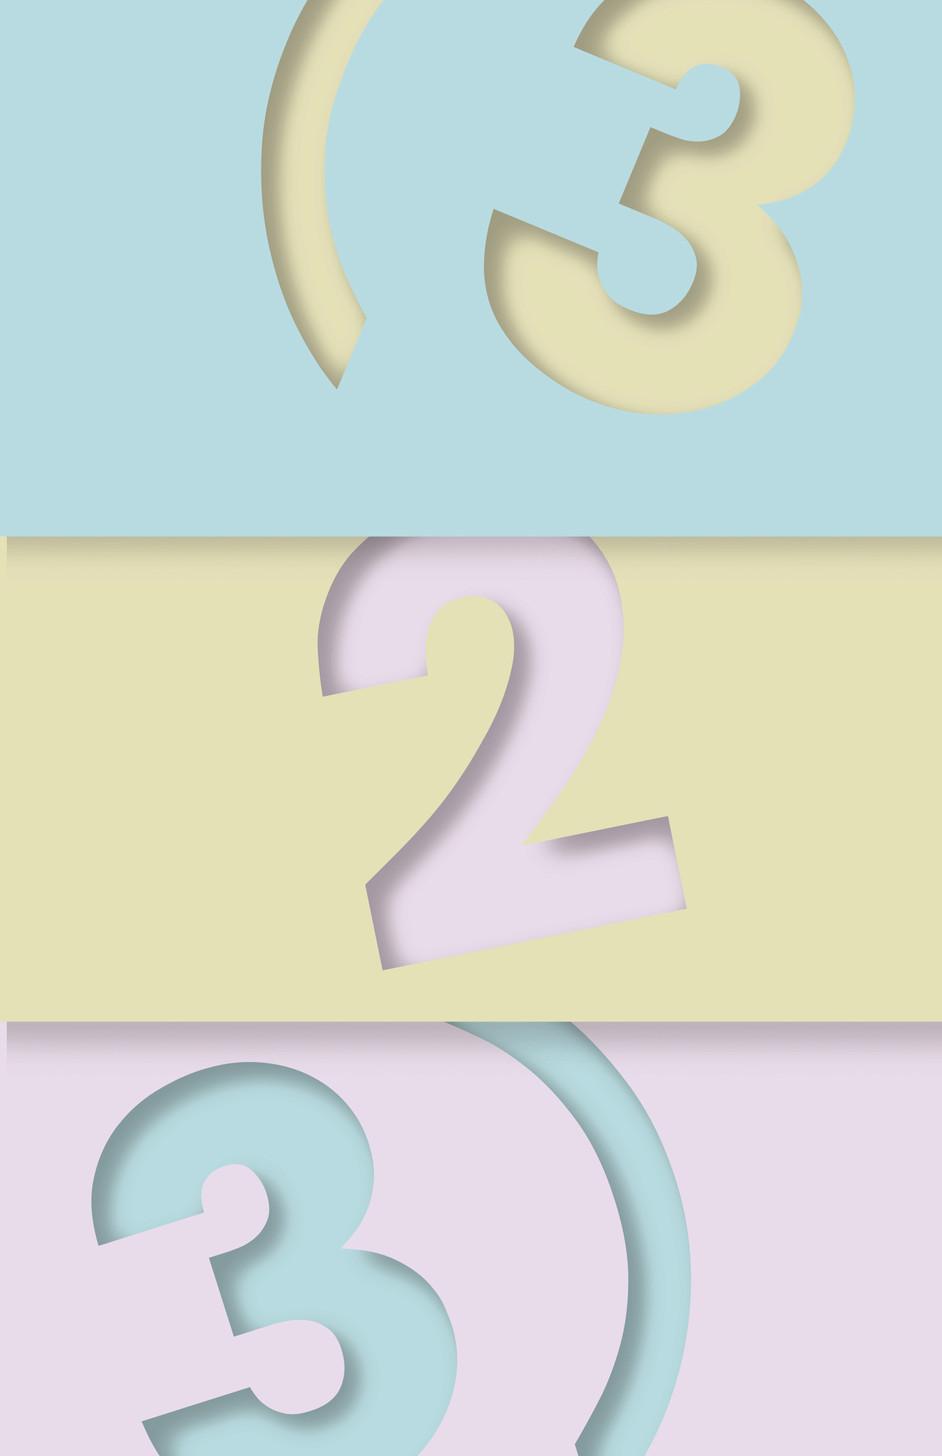 323_v2.jpg